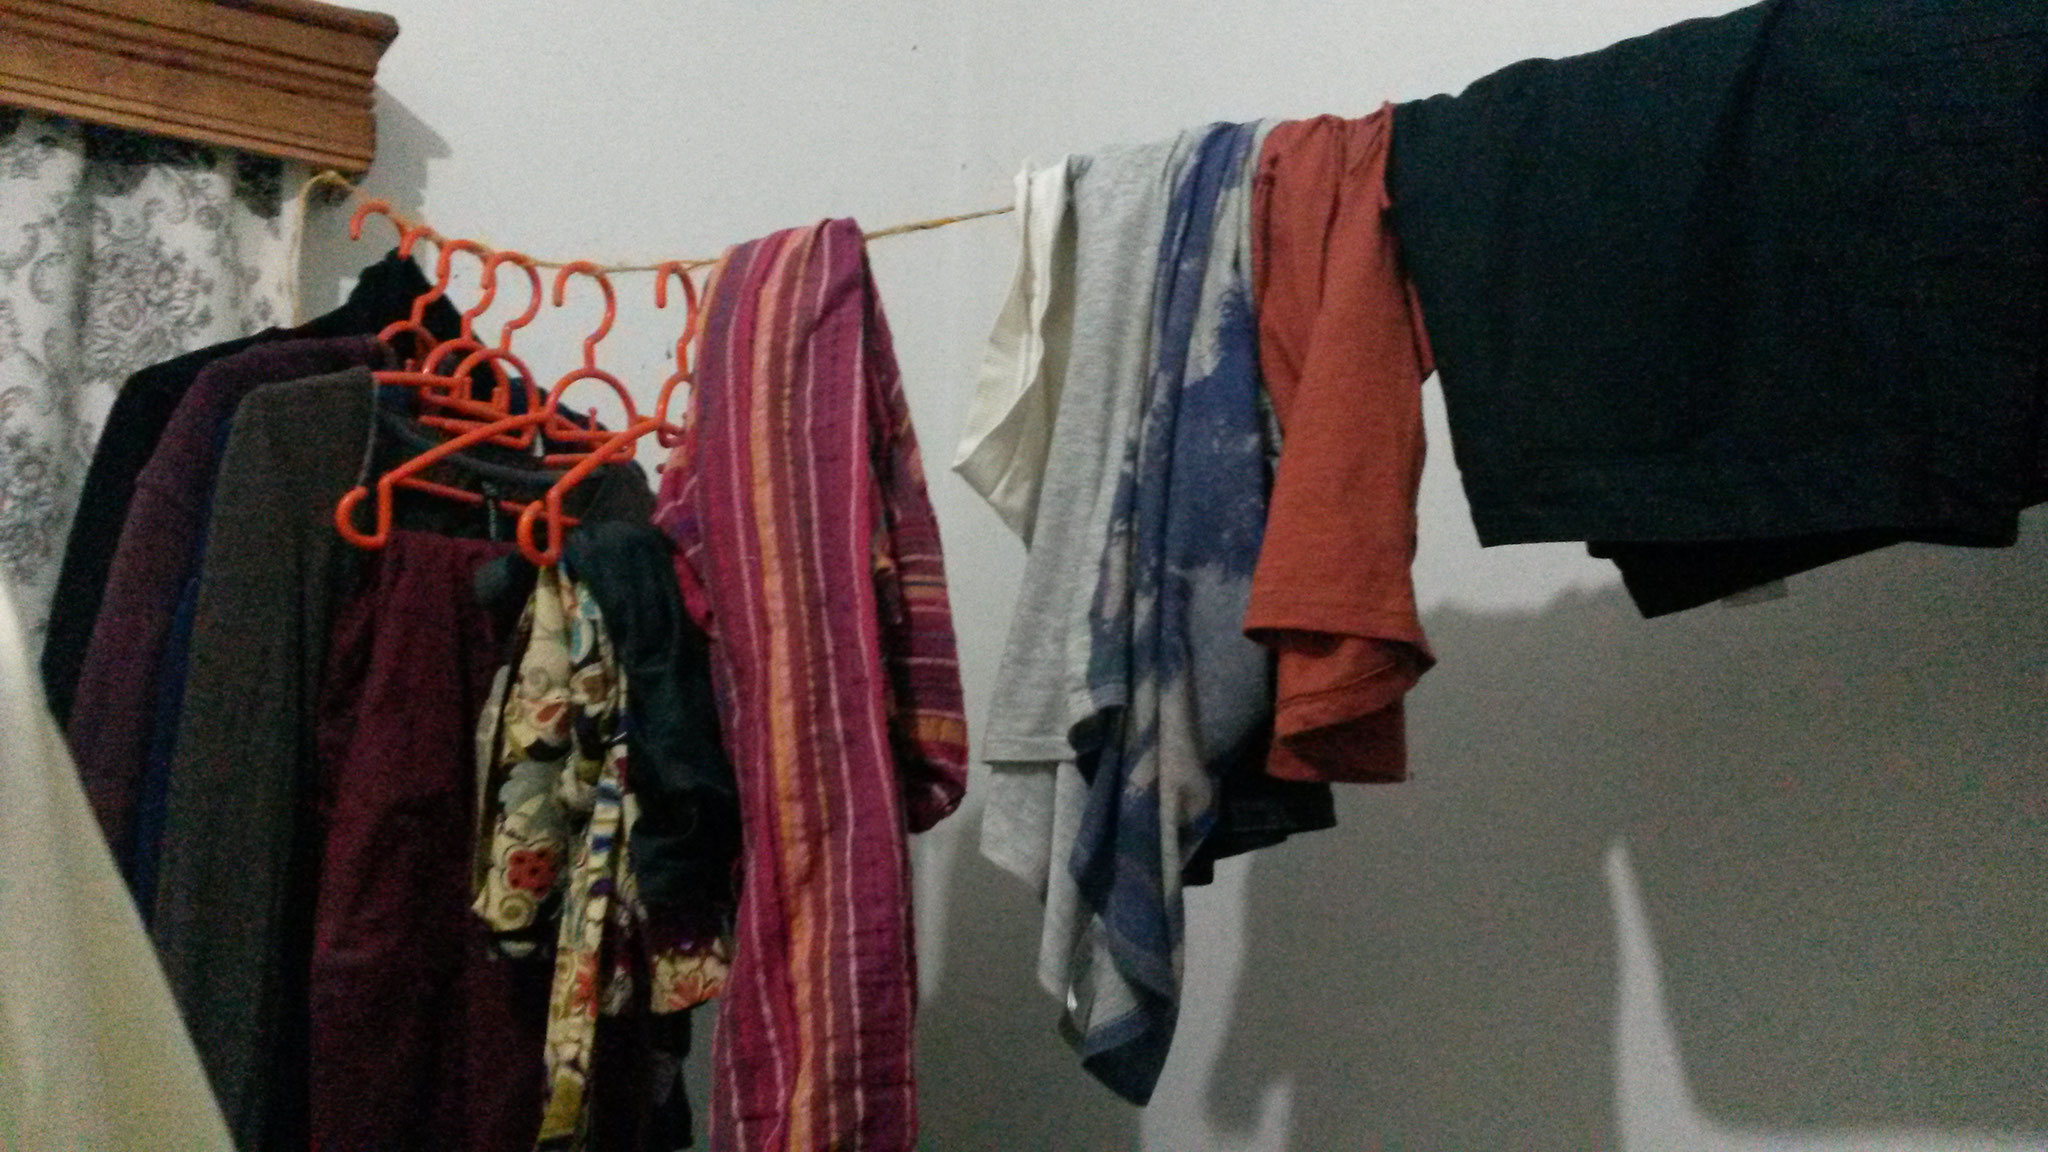 mein Kleiderschrank